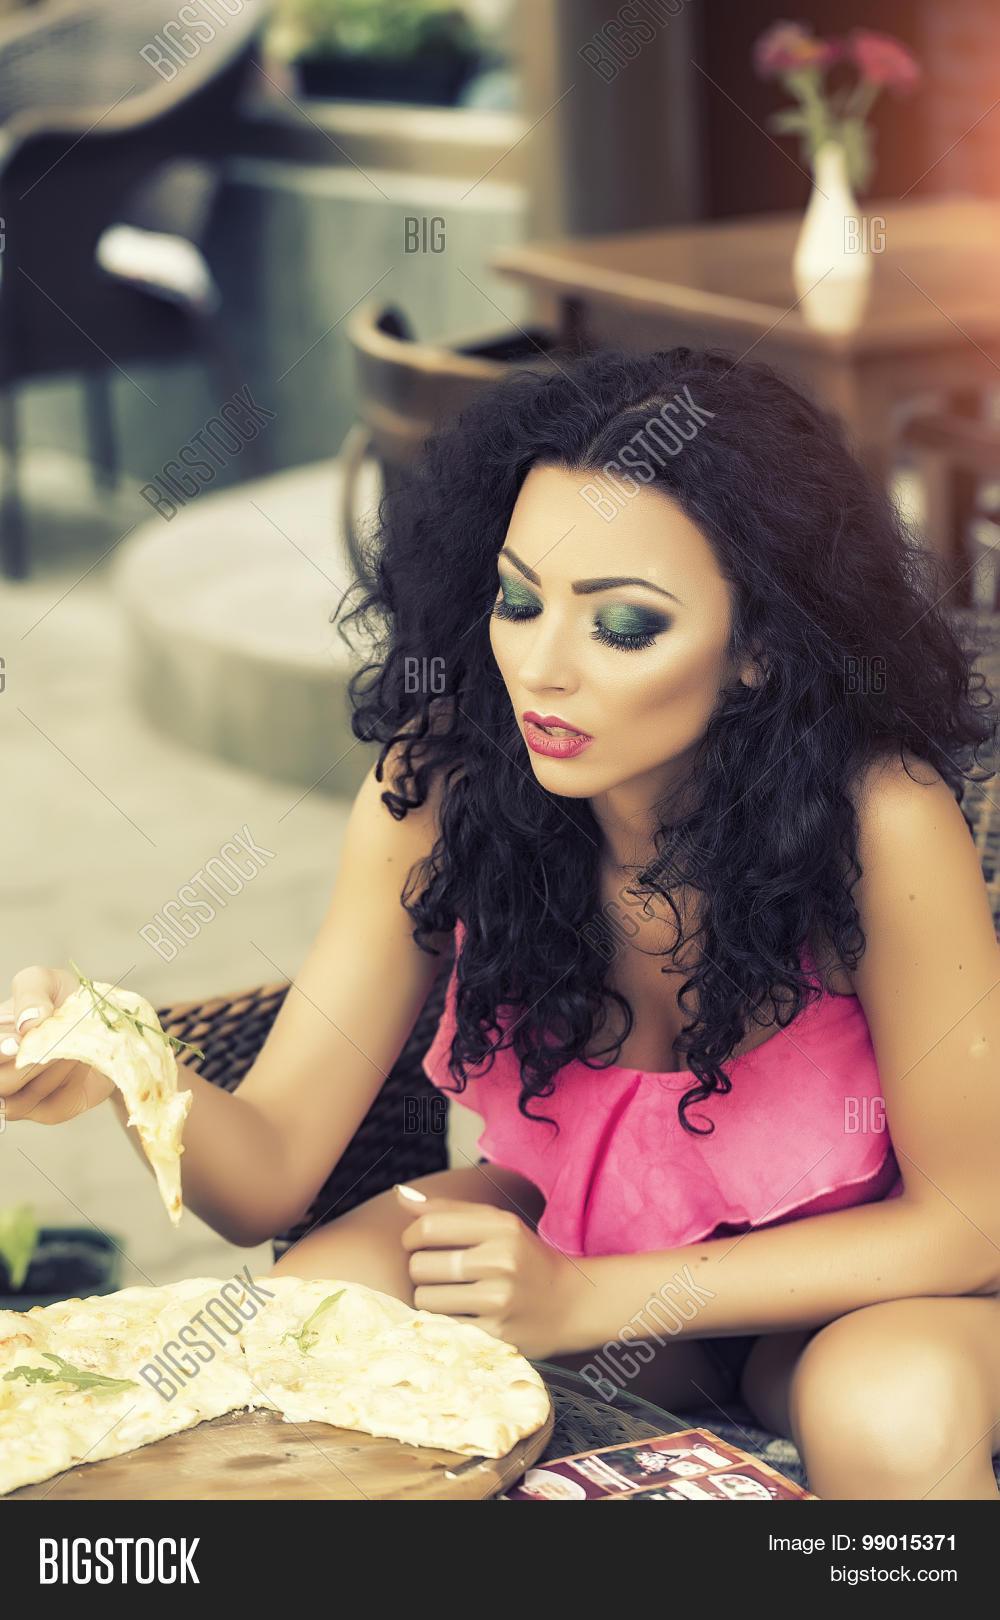 Black girl eating pizza